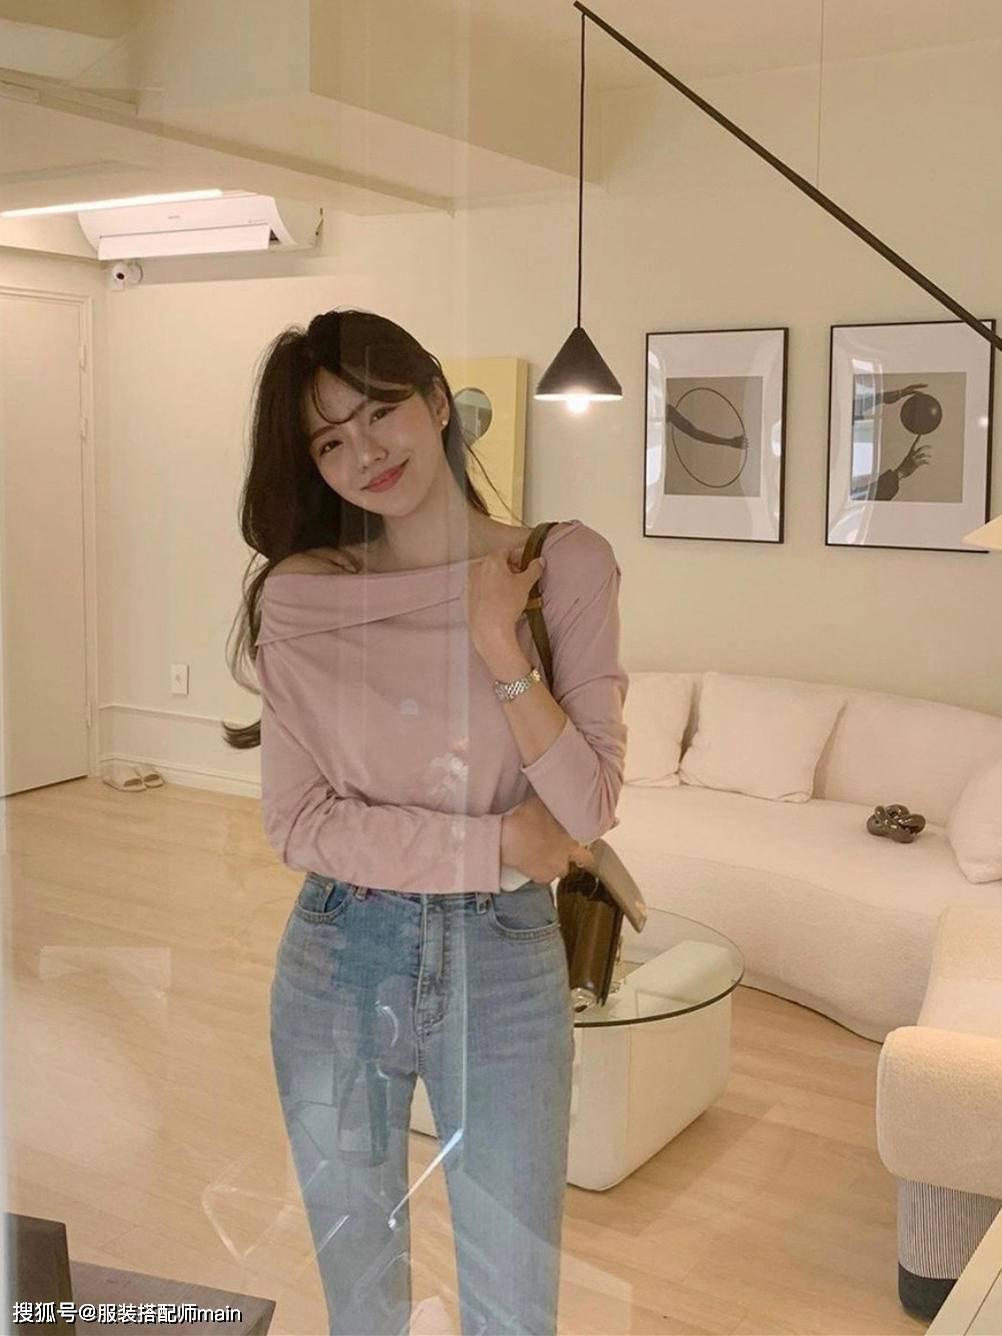 早春穿搭不必犯难,看韩国小姐姐的示范,简单时髦显气质